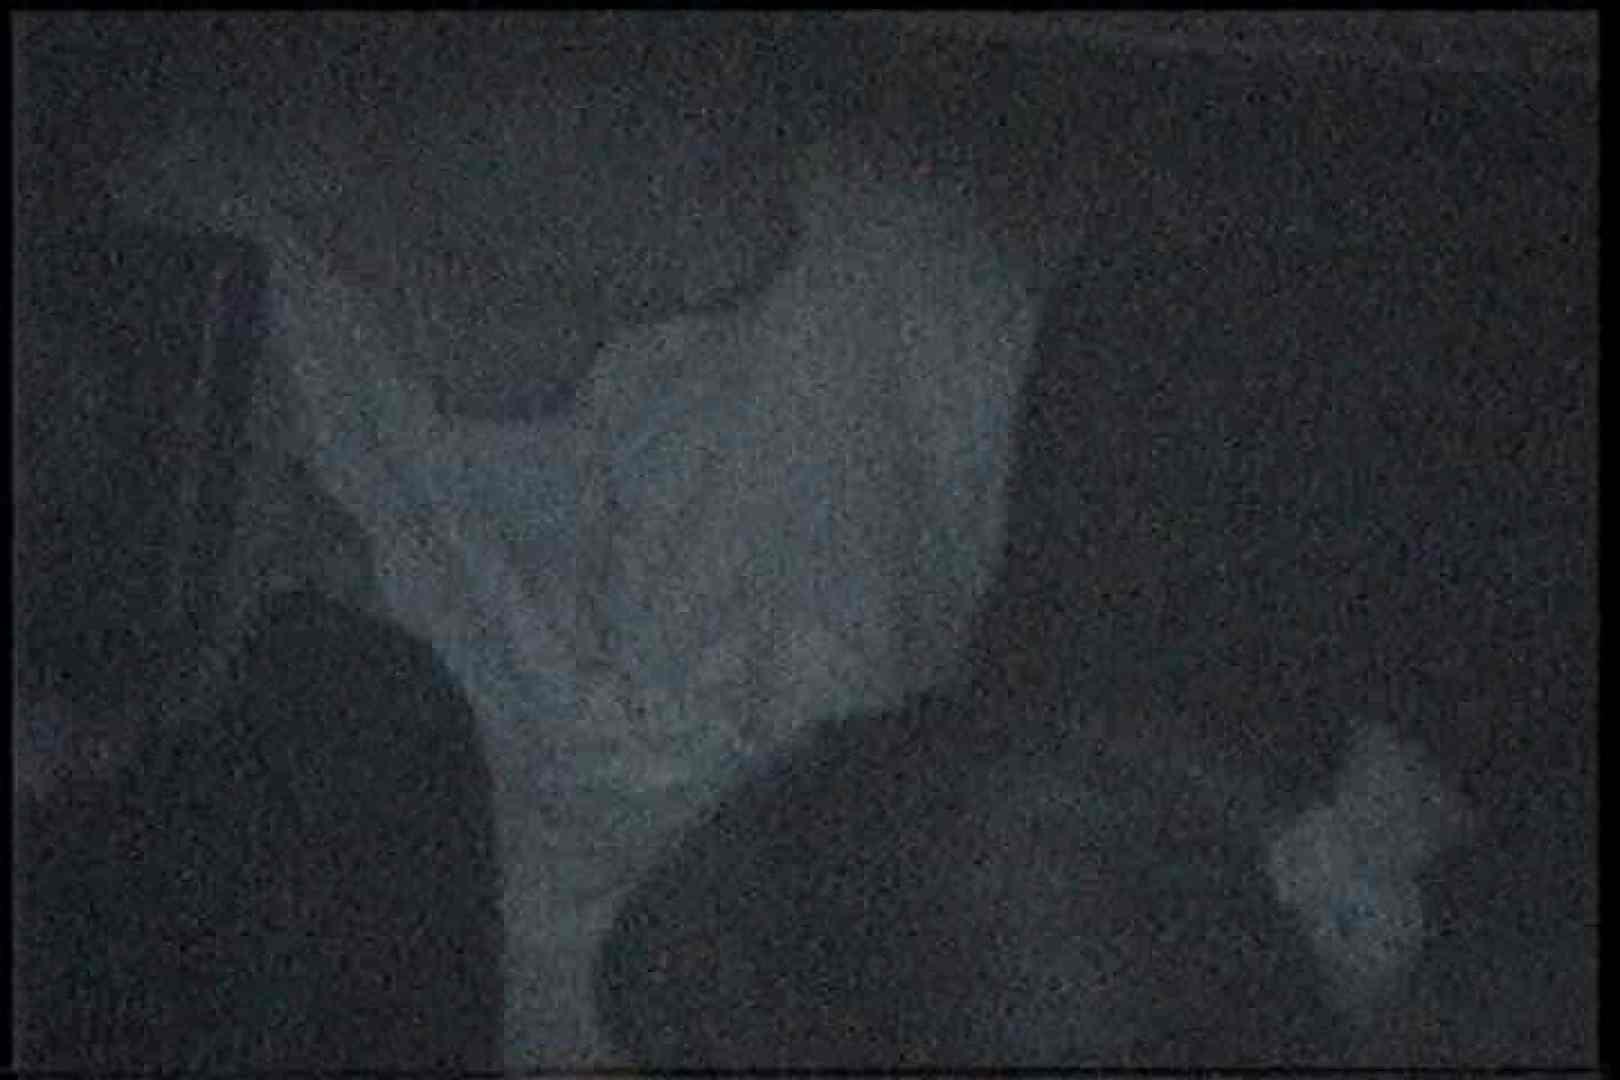 充血監督の深夜の運動会Vol.198 チクビ   OLエロ画像  76PICs 46